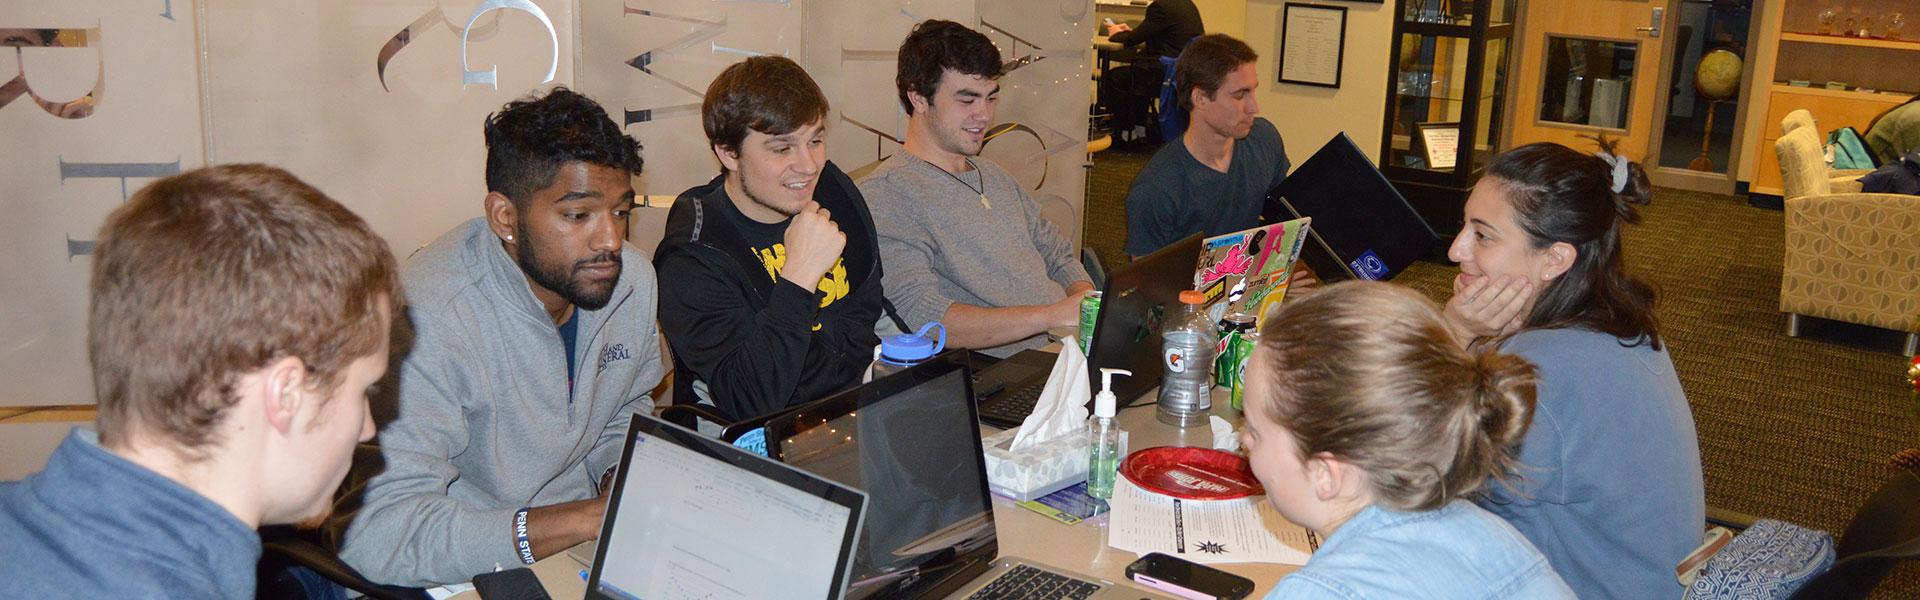 Ryan Family Student Center